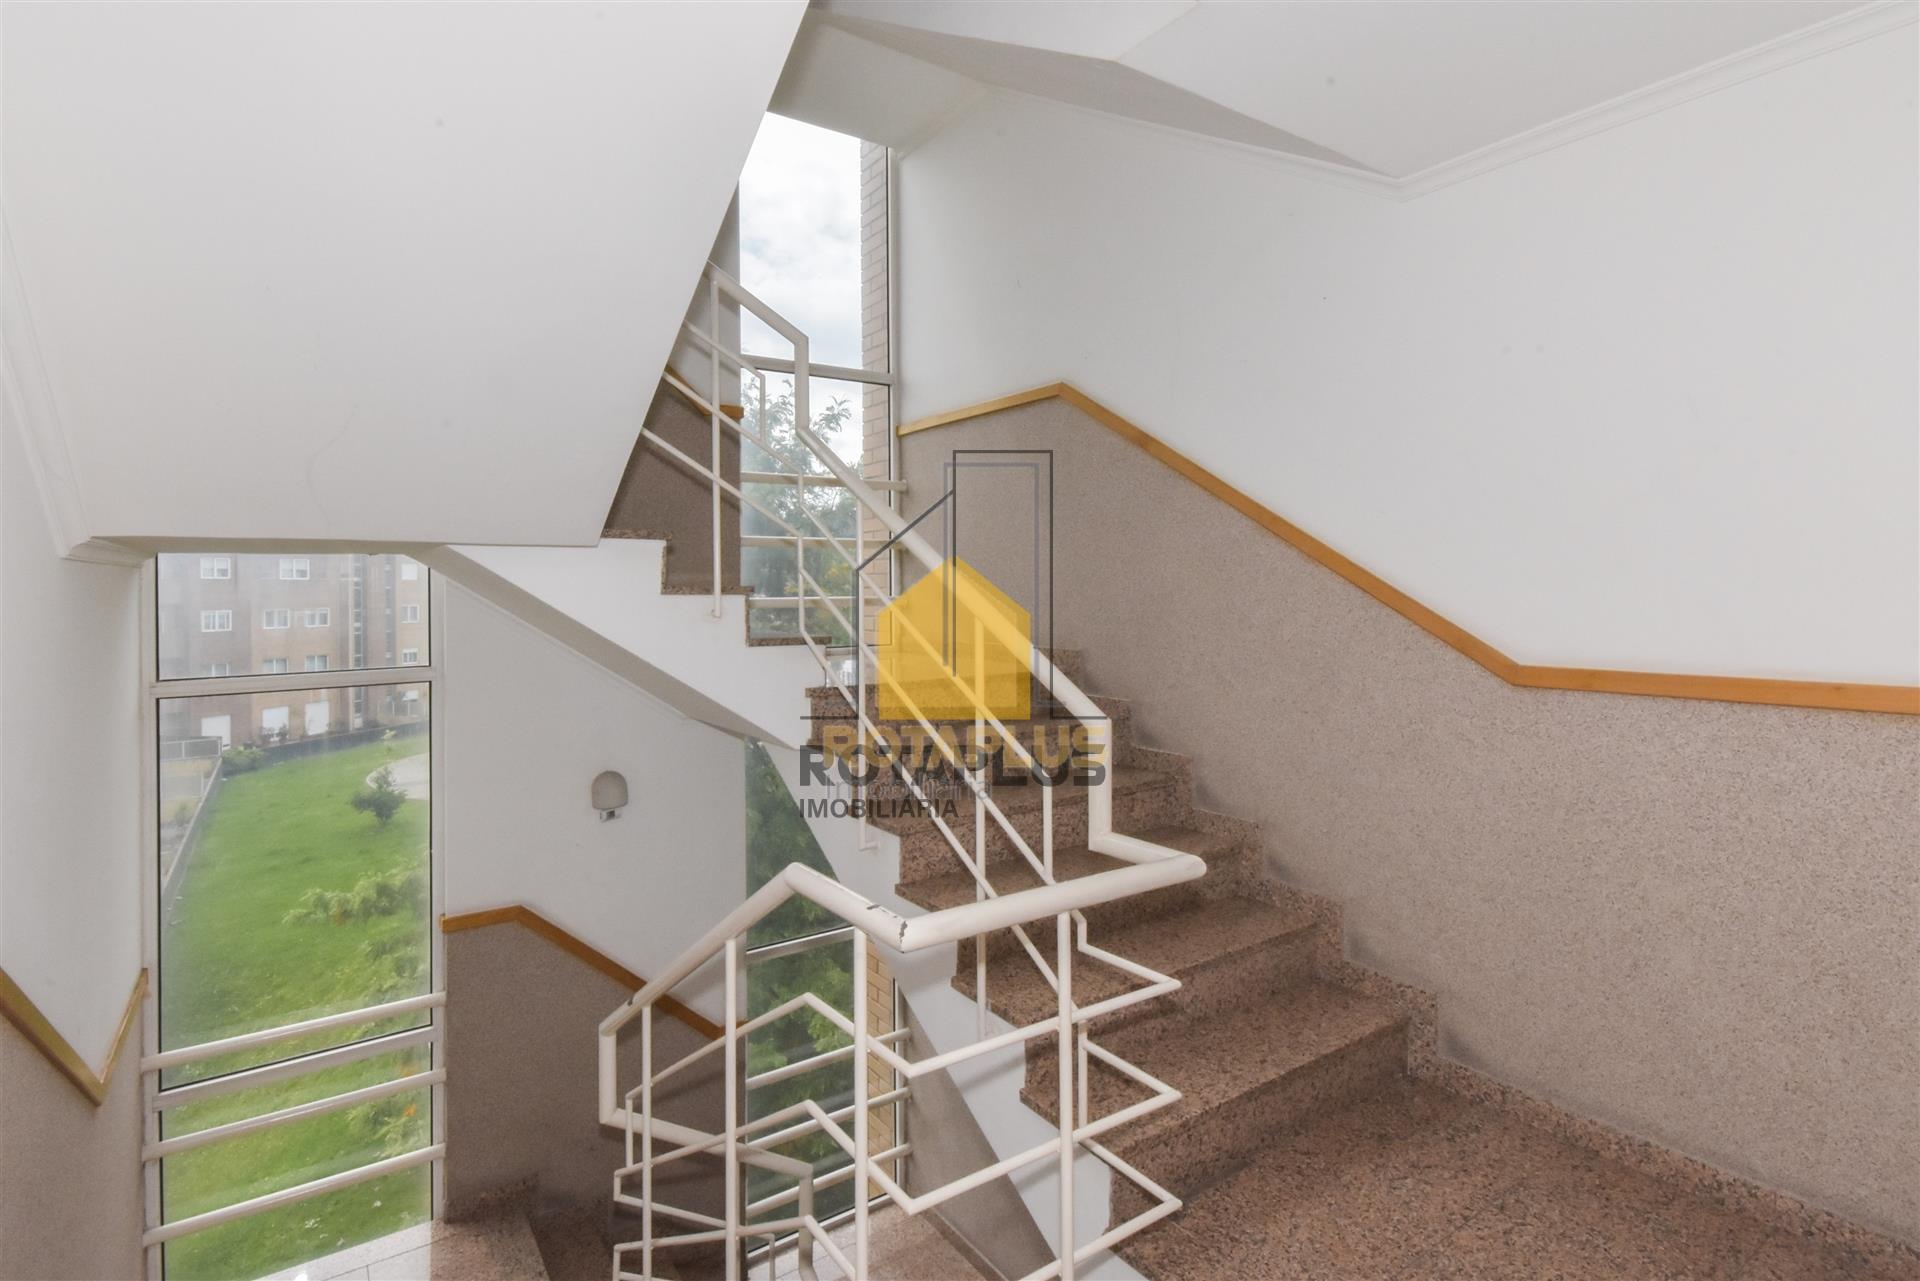 Escadas Serviço